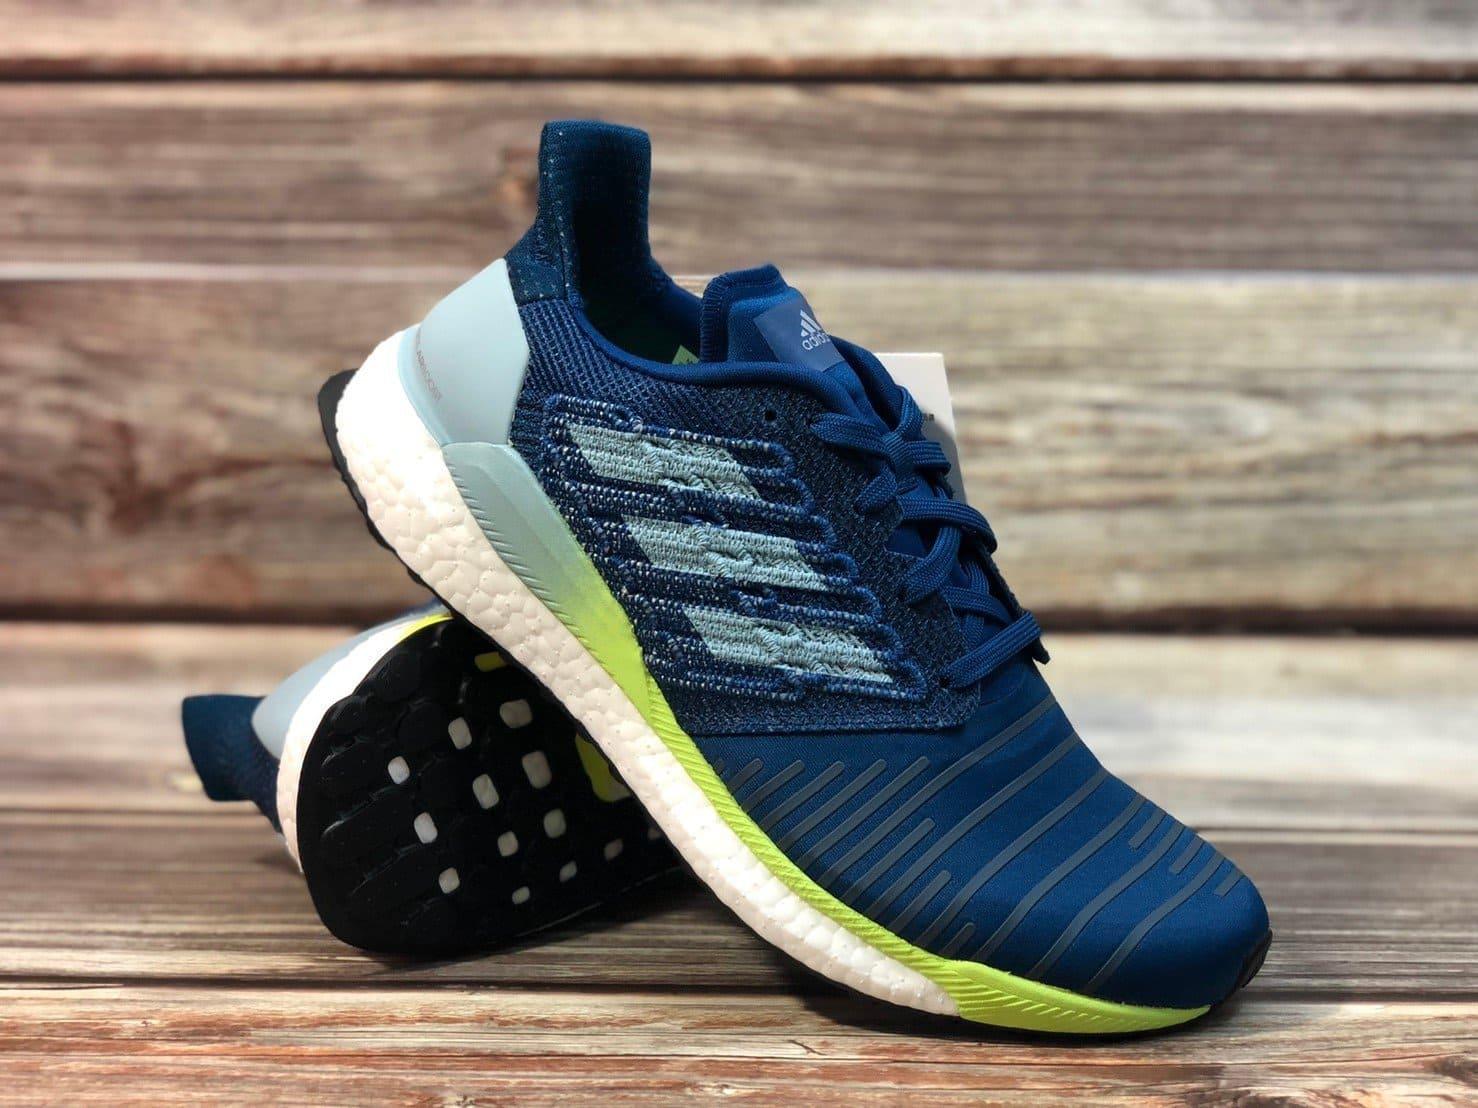 รองเท้า Adidas Originals Solar Boost 19 แบบใหม่ สียอดฮิต มีอะไรบ้าง